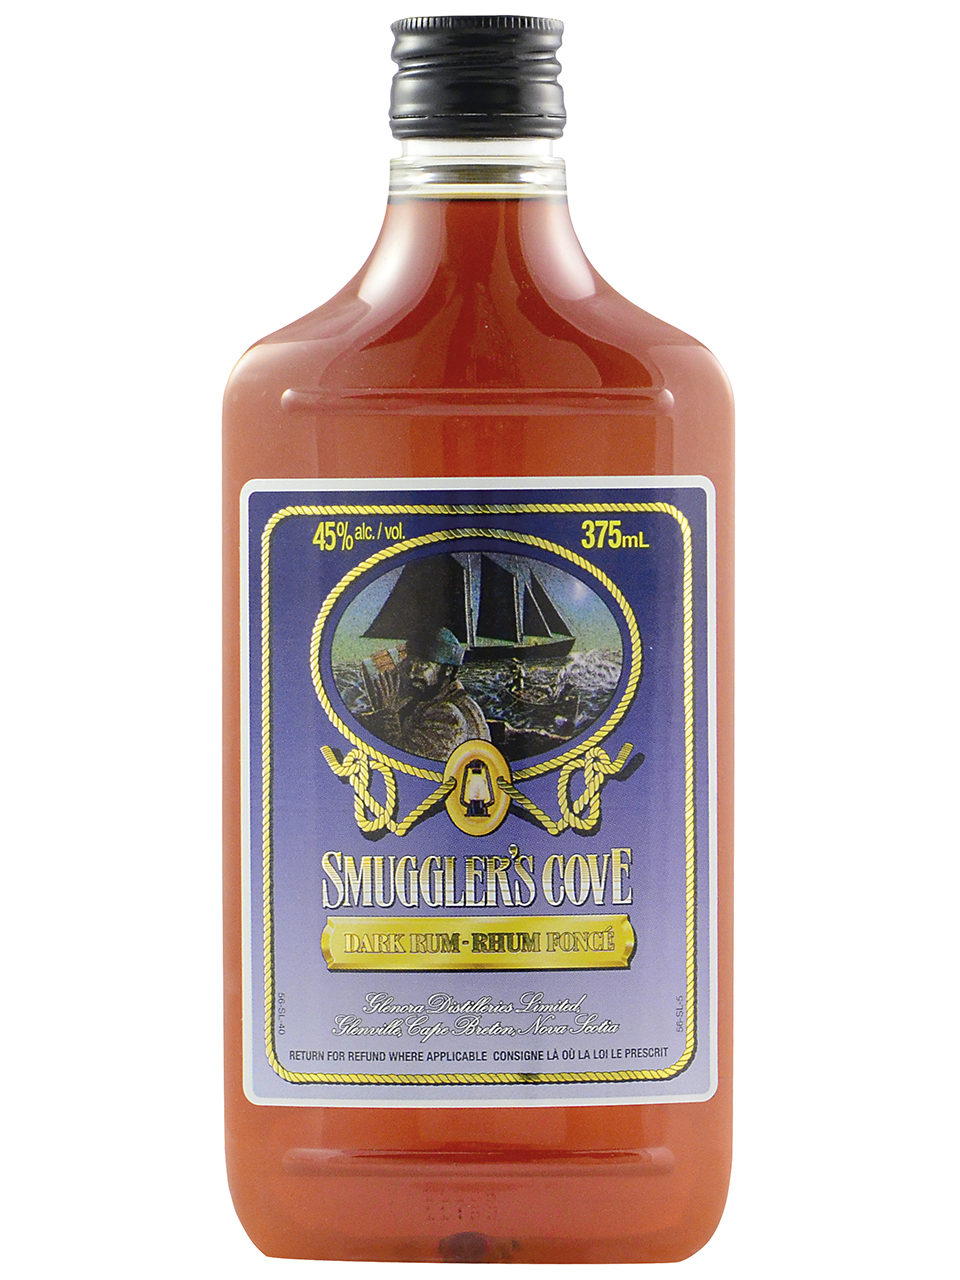 Smuggler's Cove Dark Rum